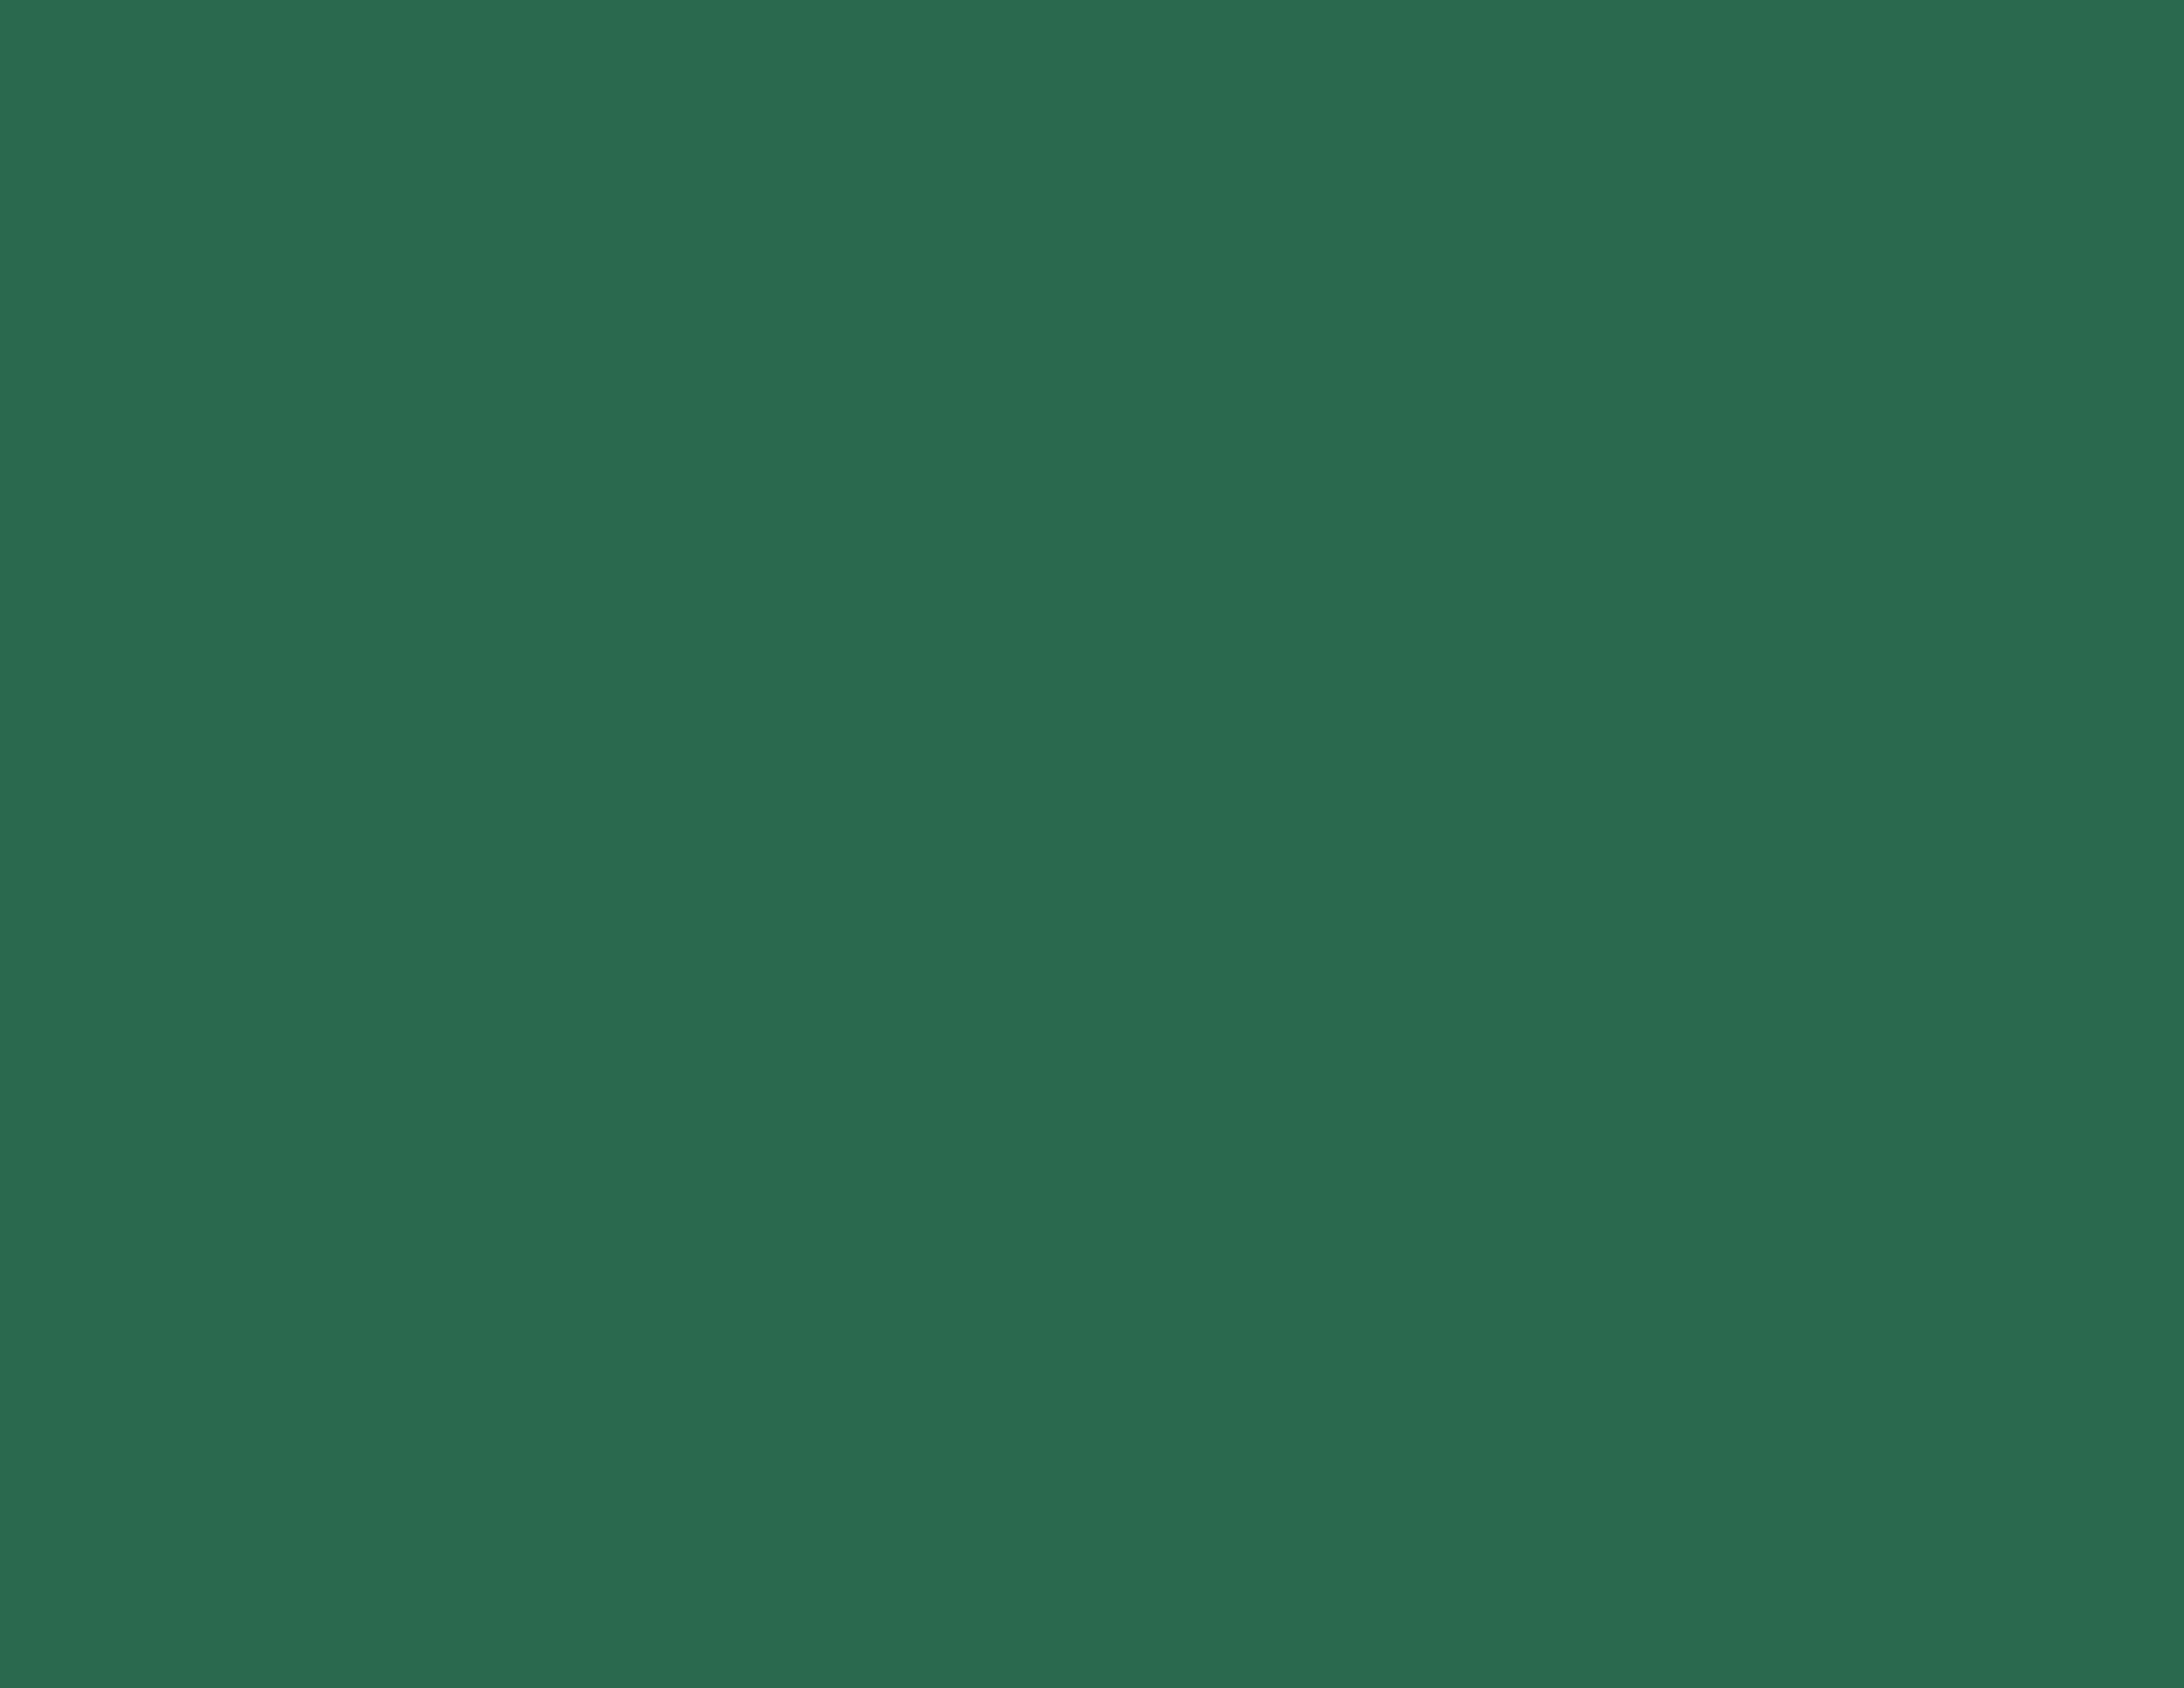 green-01 copy.jpg